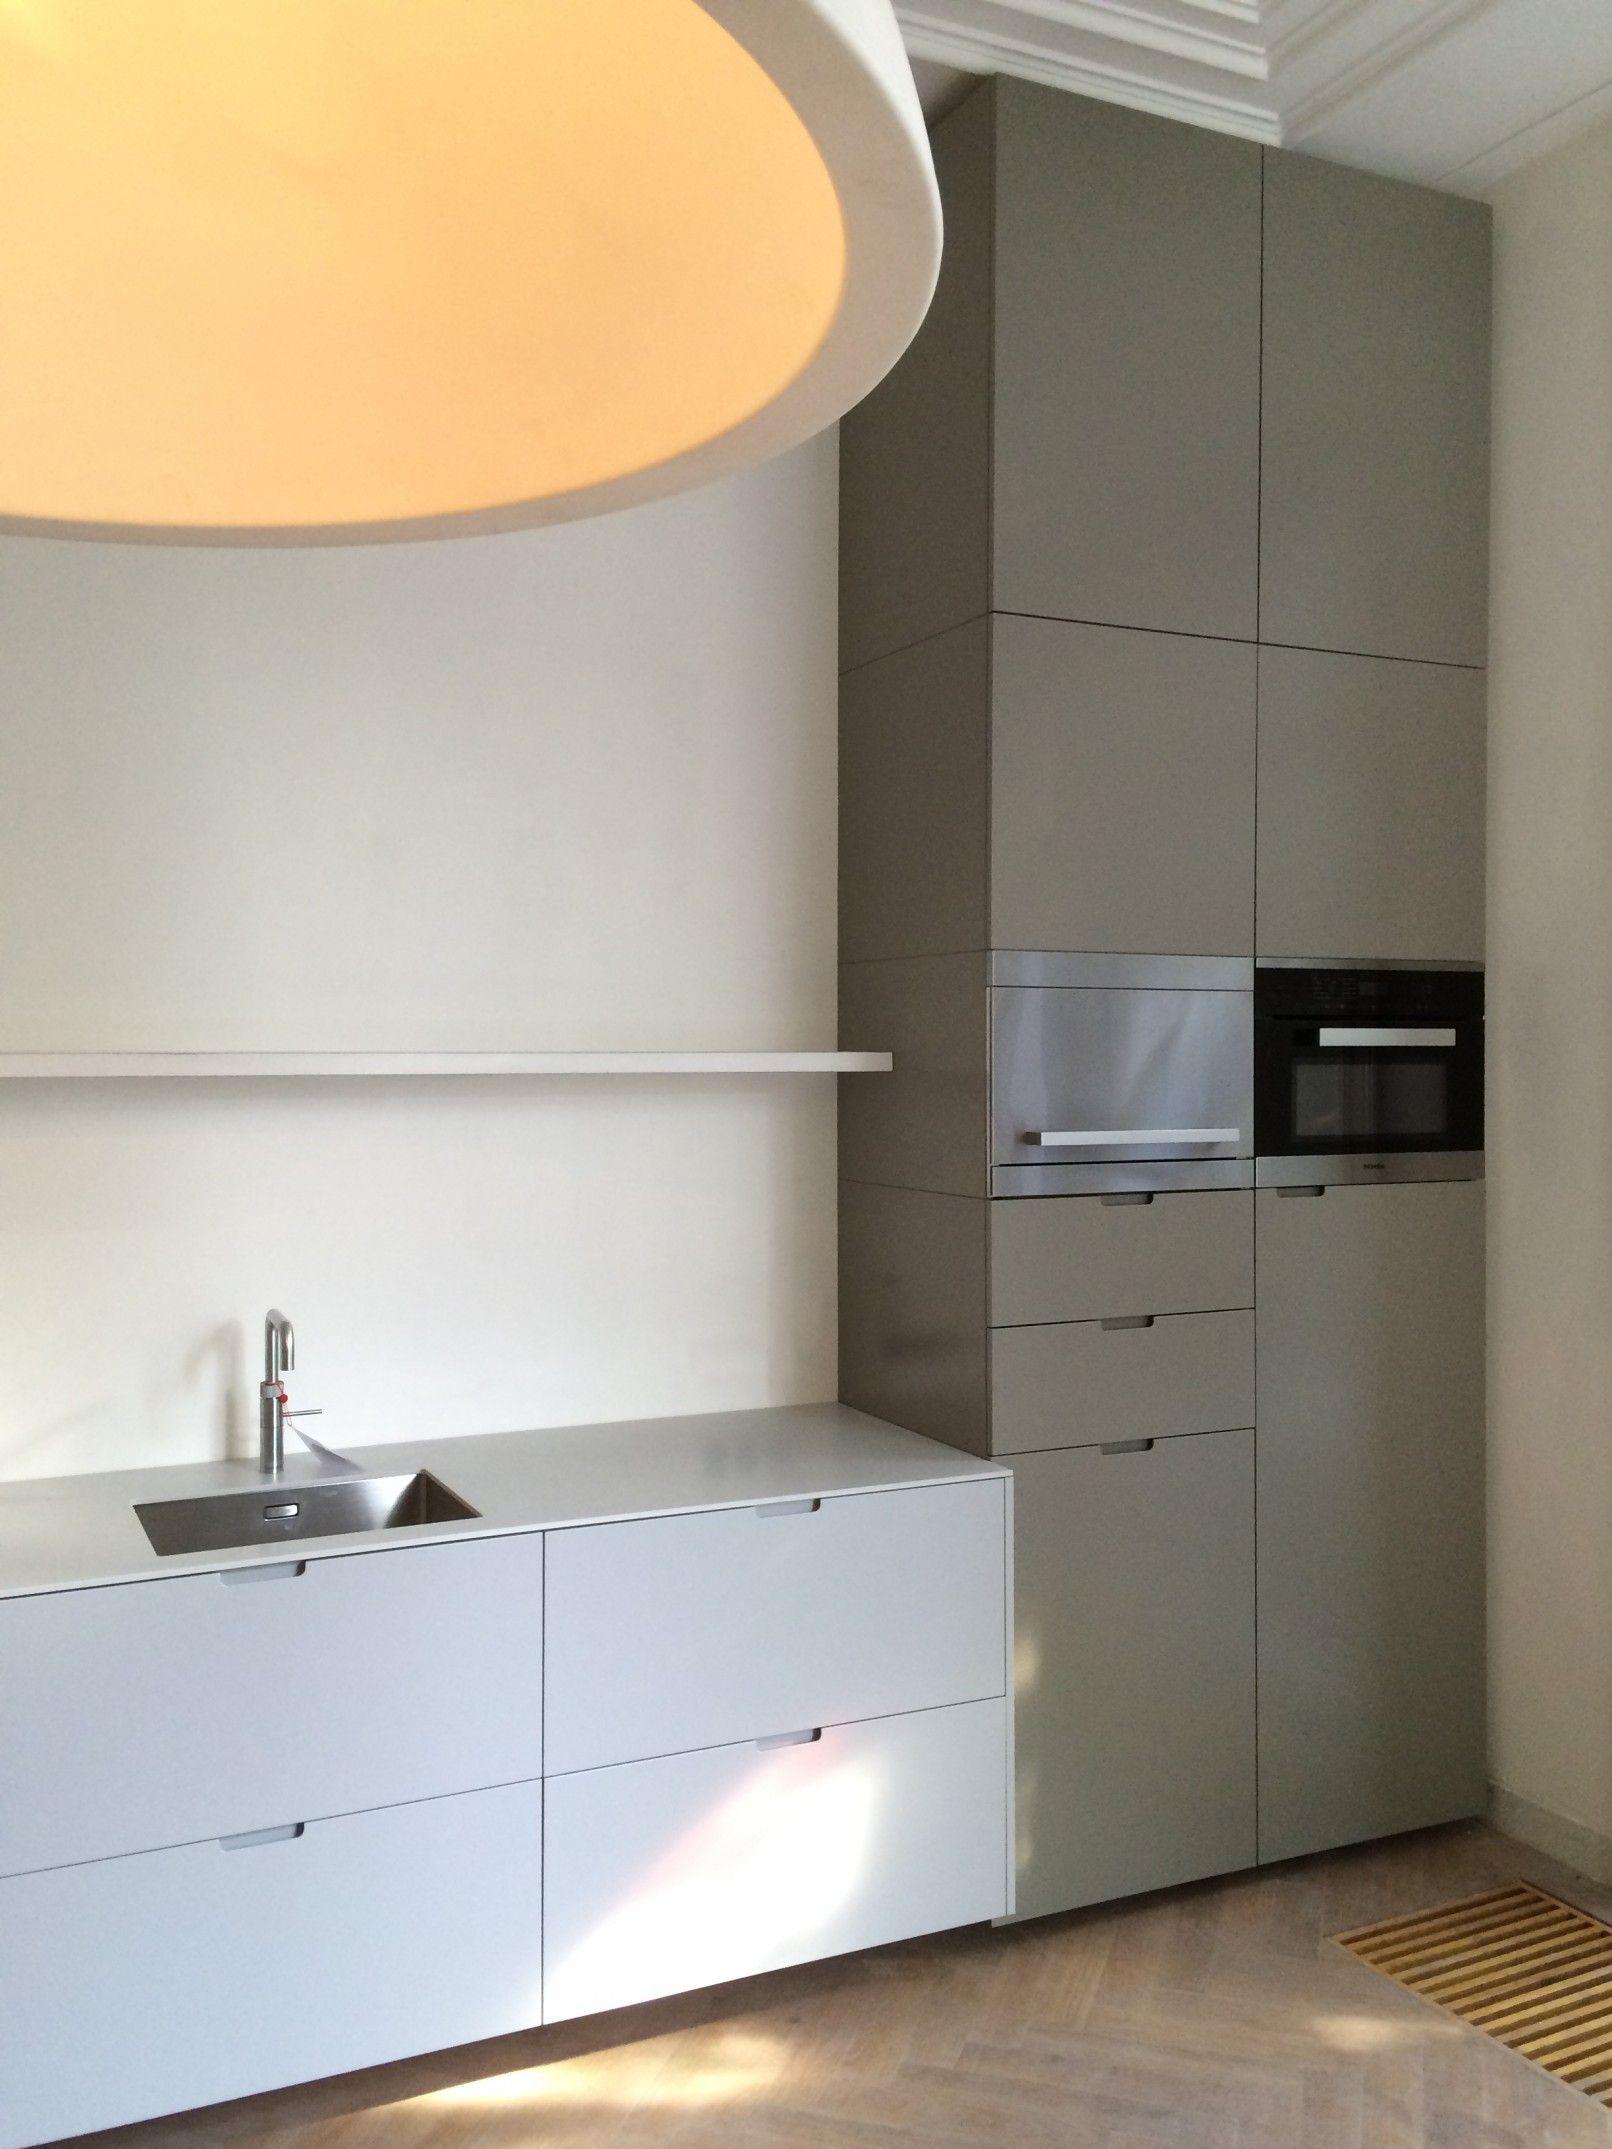 Verborgen Keuken In Grachtenpand Te Amsterdam | BNLA Architecten |  Fotografie Studio De Nooyer | Keukens | Pinterest | Doors, Architecture And  Kitchens